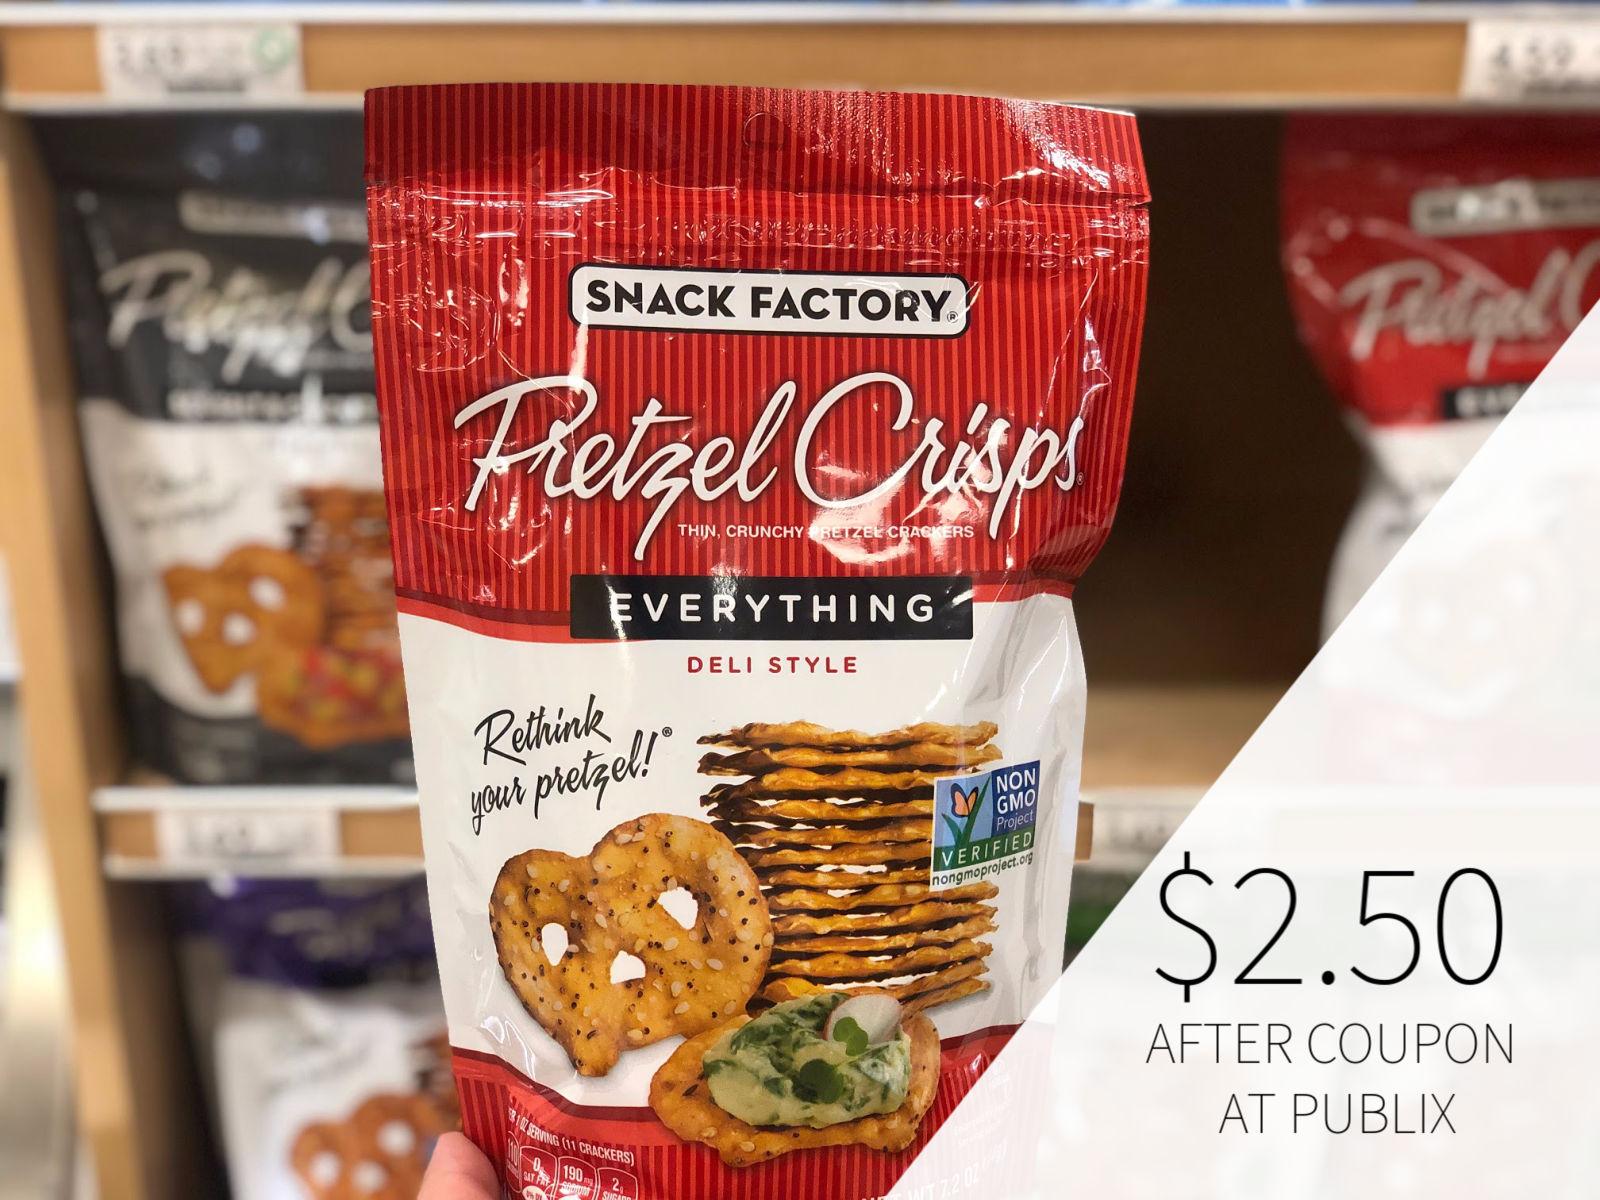 Snack Factory Pretzel Crisps Just $1.96 Per Bag At Publix on I Heart Publix